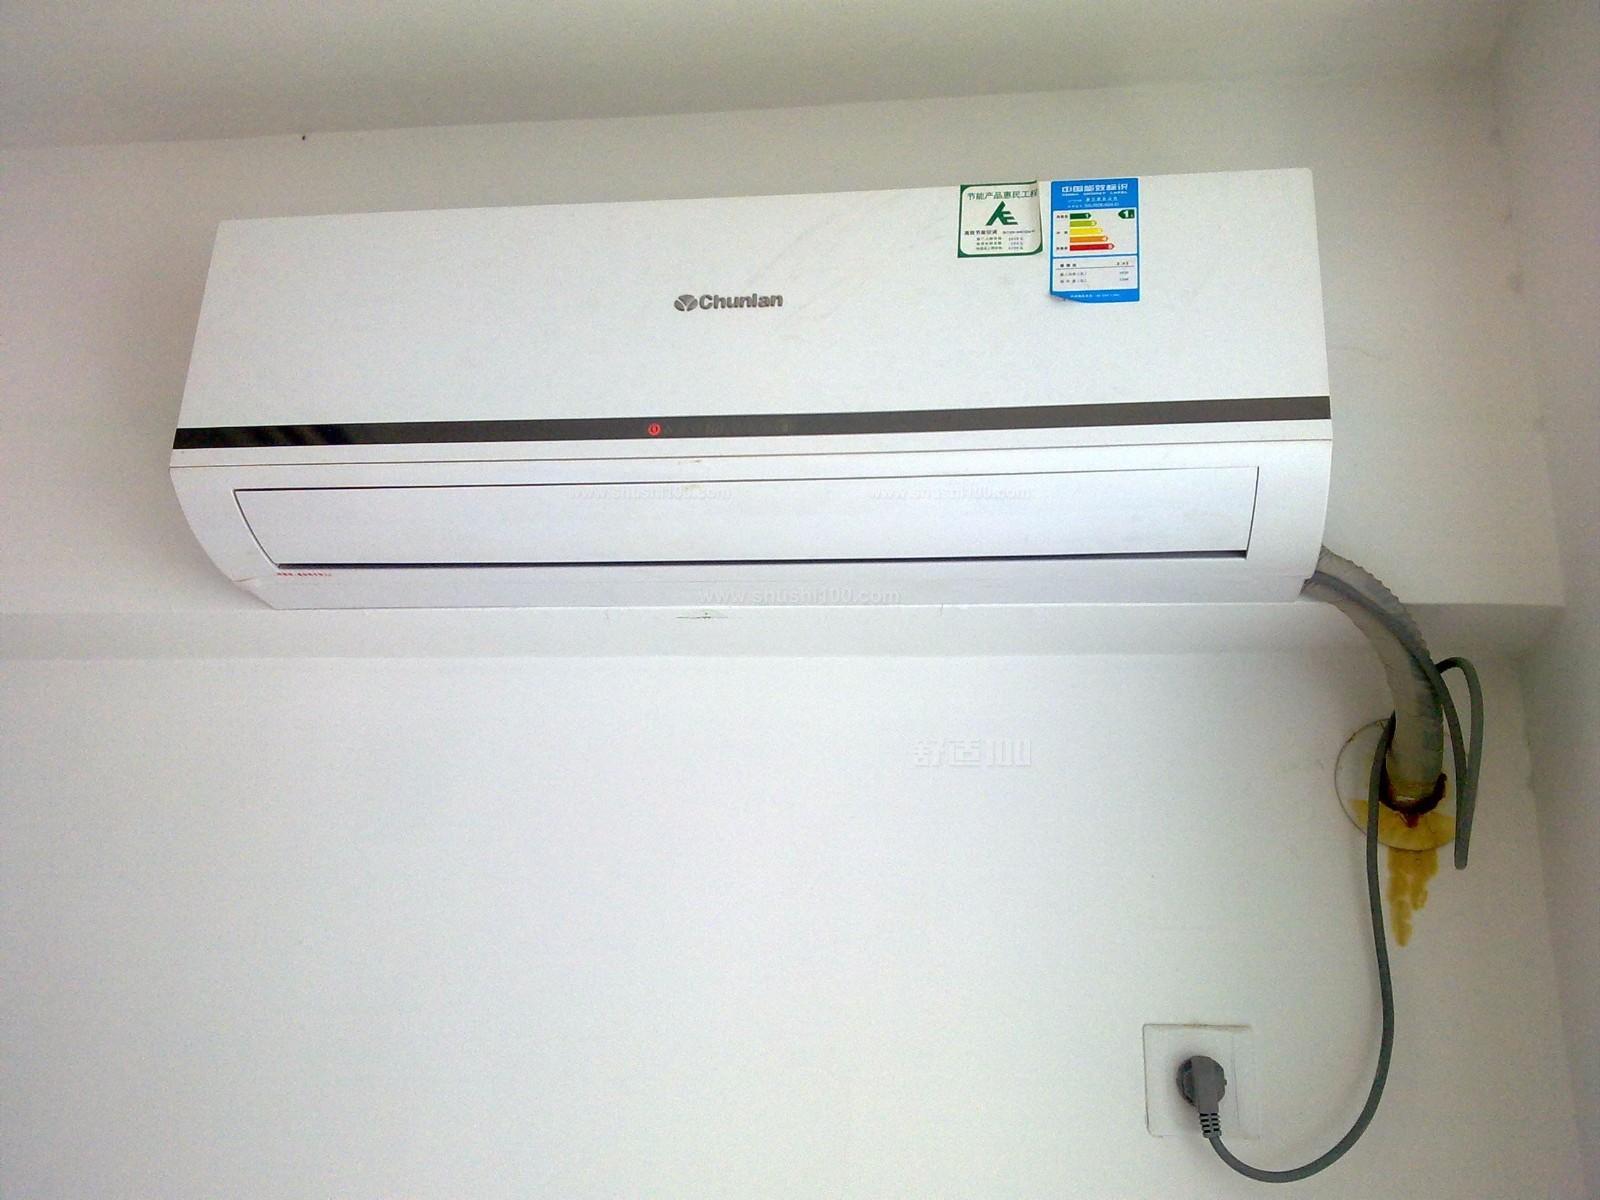 1、春兰 KFR-35GW/K(35556)D1-N1   春兰 KFR-35GW/K(35556)D1-N1是春兰空调系列产品中凉之夏系列中的一款空调,春兰空调哪一款好,现在我们就先来看看这一款凉之夏空调怎么样吧。在春兰 KFR-5GW/K(35556)D1-N1中运用了空调行业首创的舒适省电模式,这一模式是通过对人体感知舒适的温度区域和空调节能的使用习惯,建立起了人体的佳感应温度,这就是春兰凉之静空调运用的独创舒适省电模式。   2、春兰 KF-23GW/(23356)Ga-3   春兰 KF-2